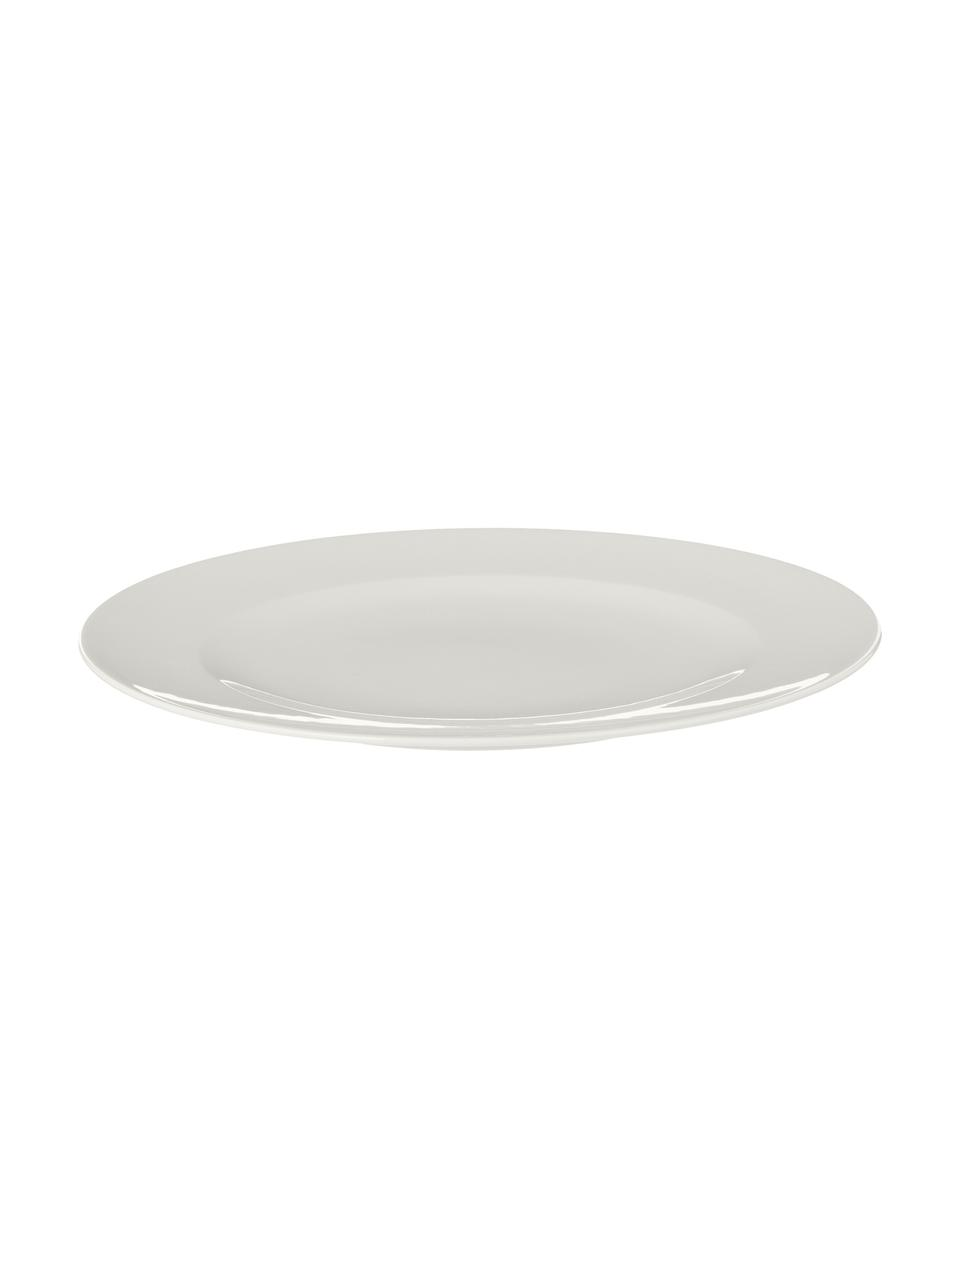 Komplet naczyń z porcelany For Me, 16 elem., Porcelana, Złamana biel, Komplet z różnymi rozmiarami